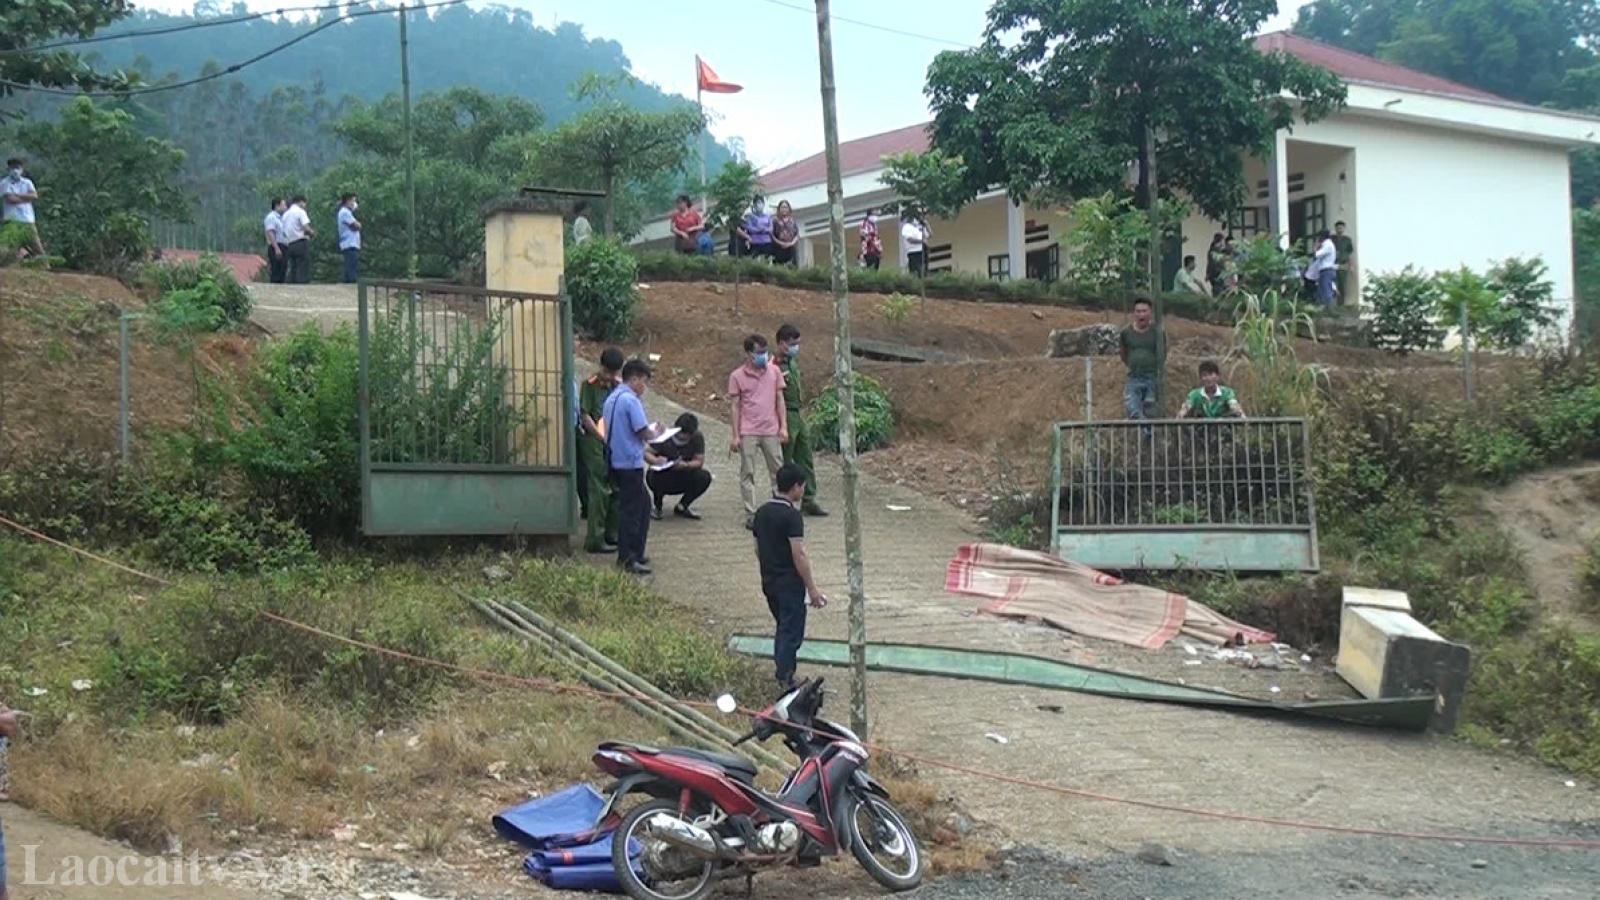 Vụ sập cổng trường tại Lào Cai, có chỉ đạo rà soát độ an toàn